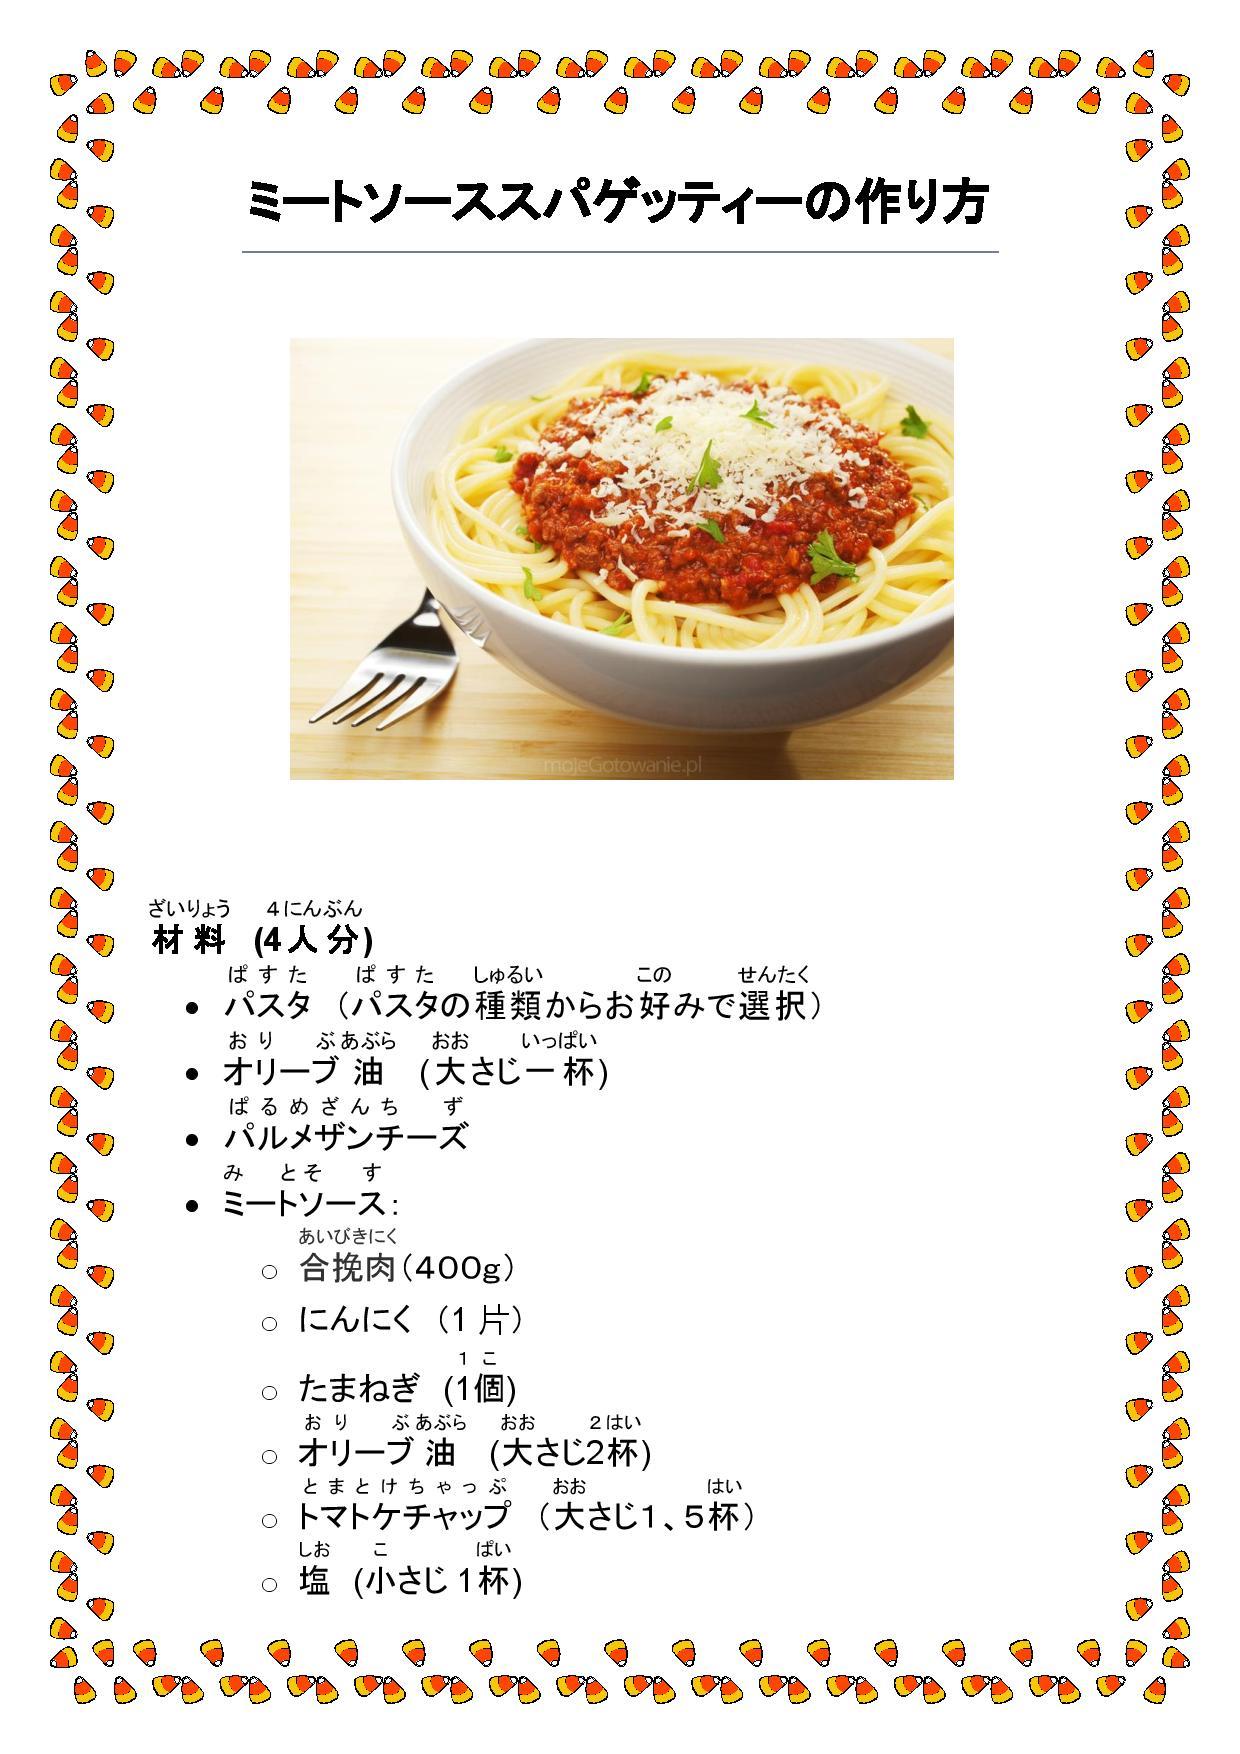 ミートソーススパゲティの作り方-page-001